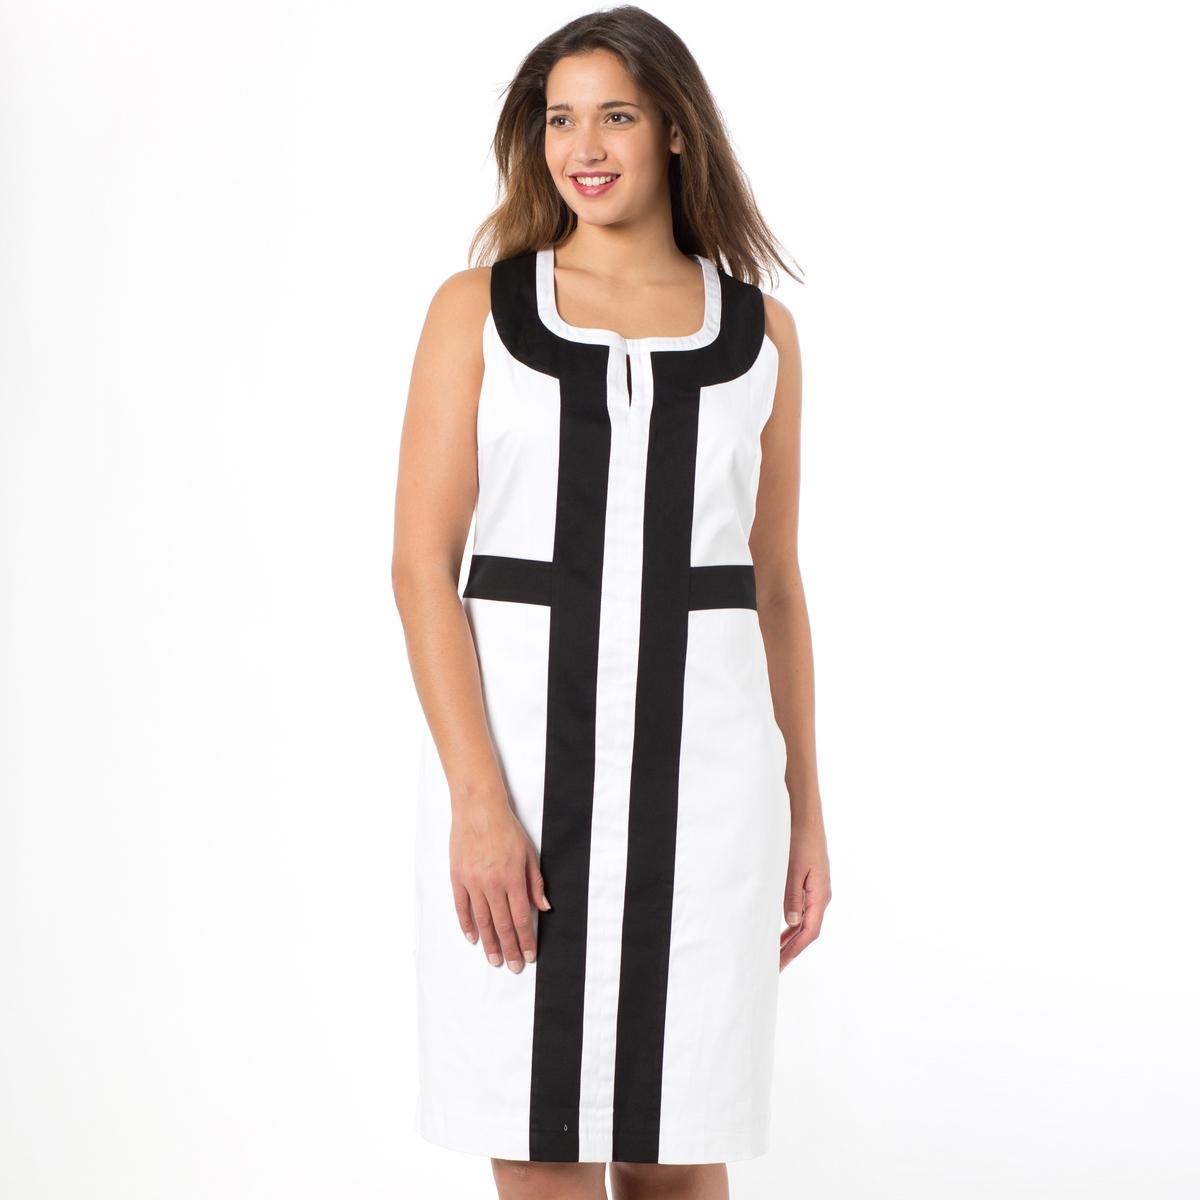 Платье прямого покрояПлатье прямого покроя без рукавов. Двухцветное платье с контрастными швами, вдохновленное графикой… Закругленный вырез с разрезом. Молния сбоку. 98% хлопка, 2% эластана, подкладка из полиэстера. Длина ниже колена, 100 см.<br><br>Цвет: белый + черный<br>Размер: 48 (FR) - 54 (RUS).52 (FR) - 58 (RUS)